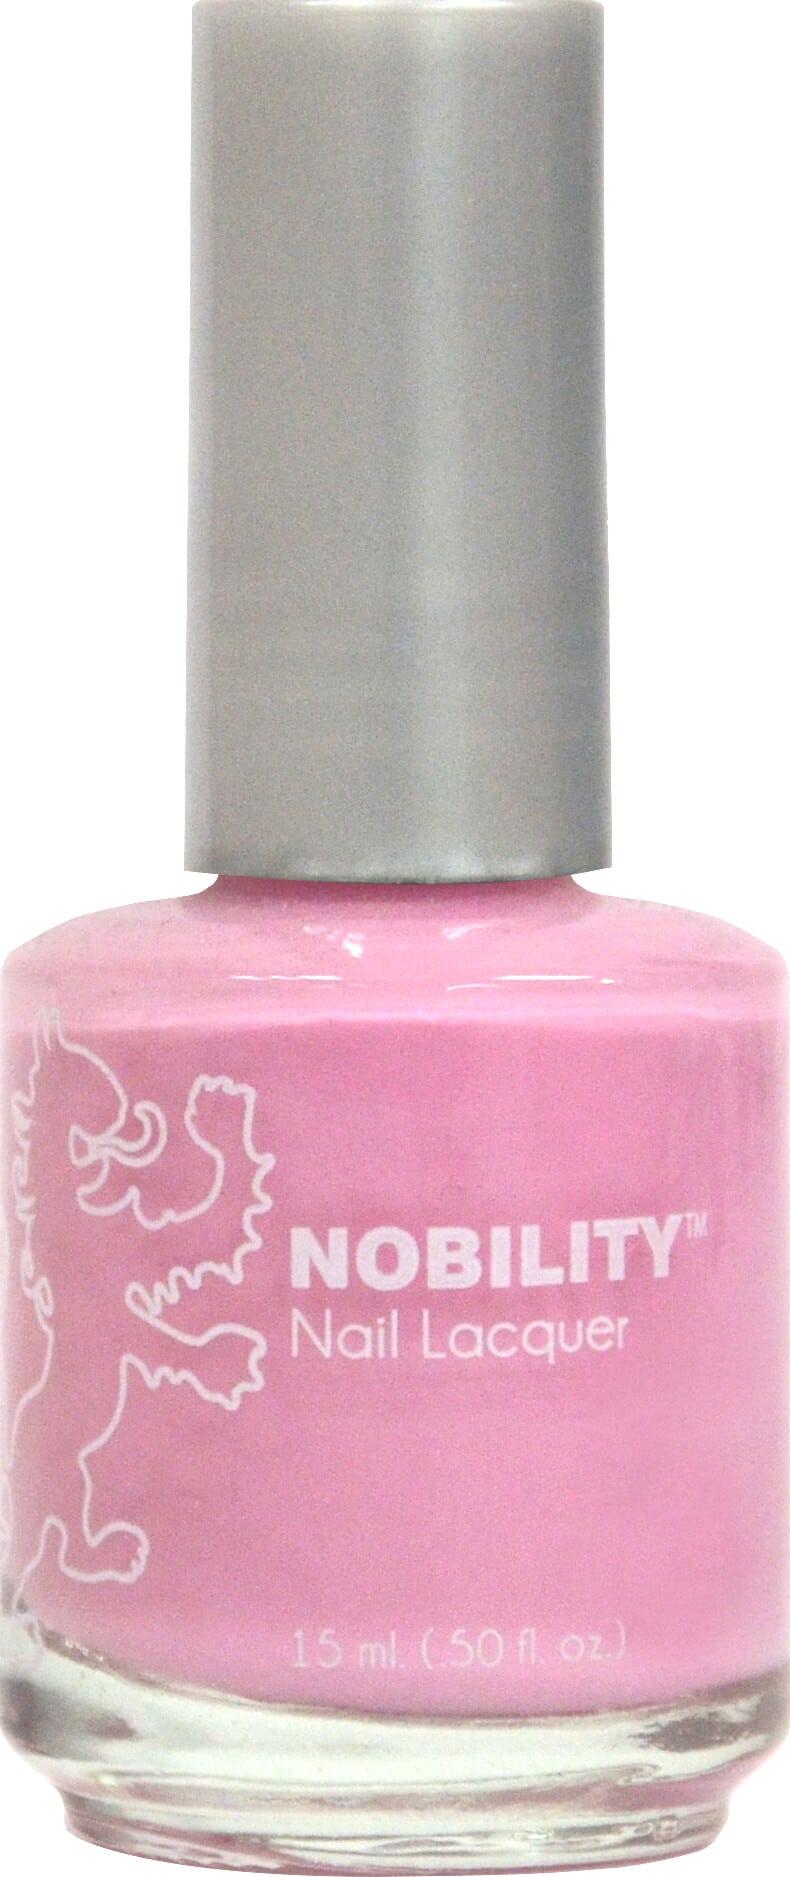 Nice Lechat Nail Product Image - Nail Art Ideas - morihati.com